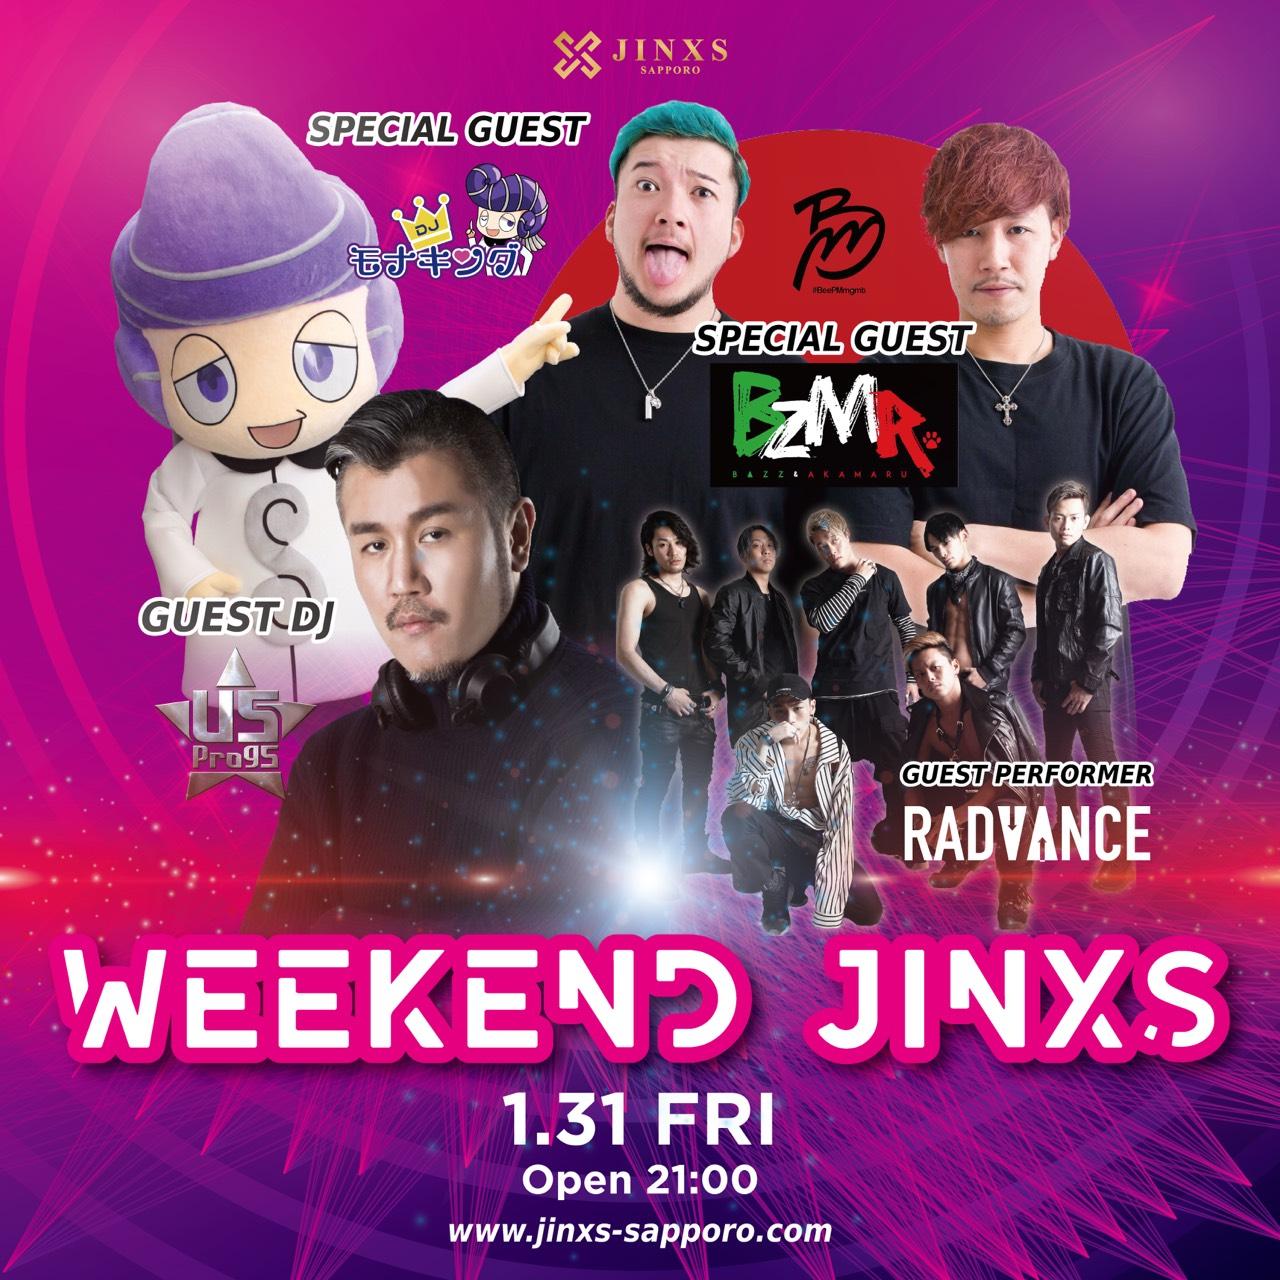 1月31日(金) 北海道の札幌のクラブJINXSにモナキング登場!